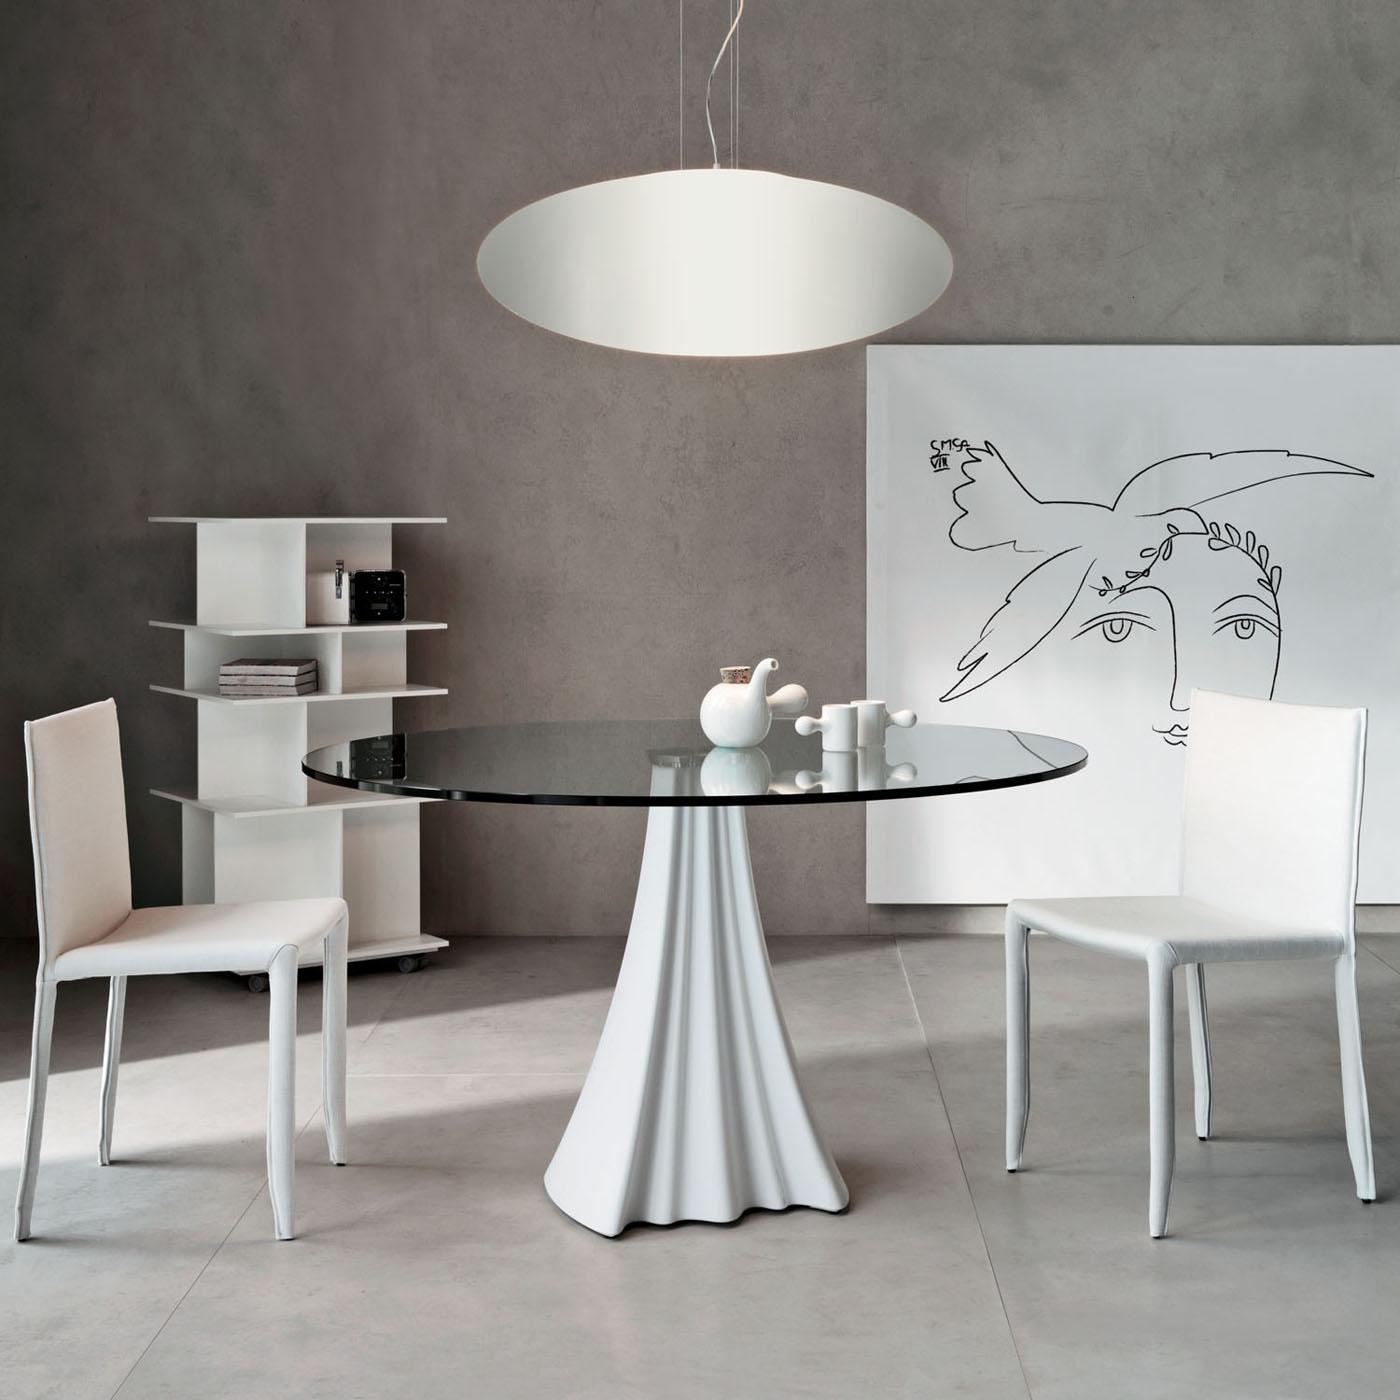 Mesas para comedores peque os - Mesas comedor para espacios pequenos ...